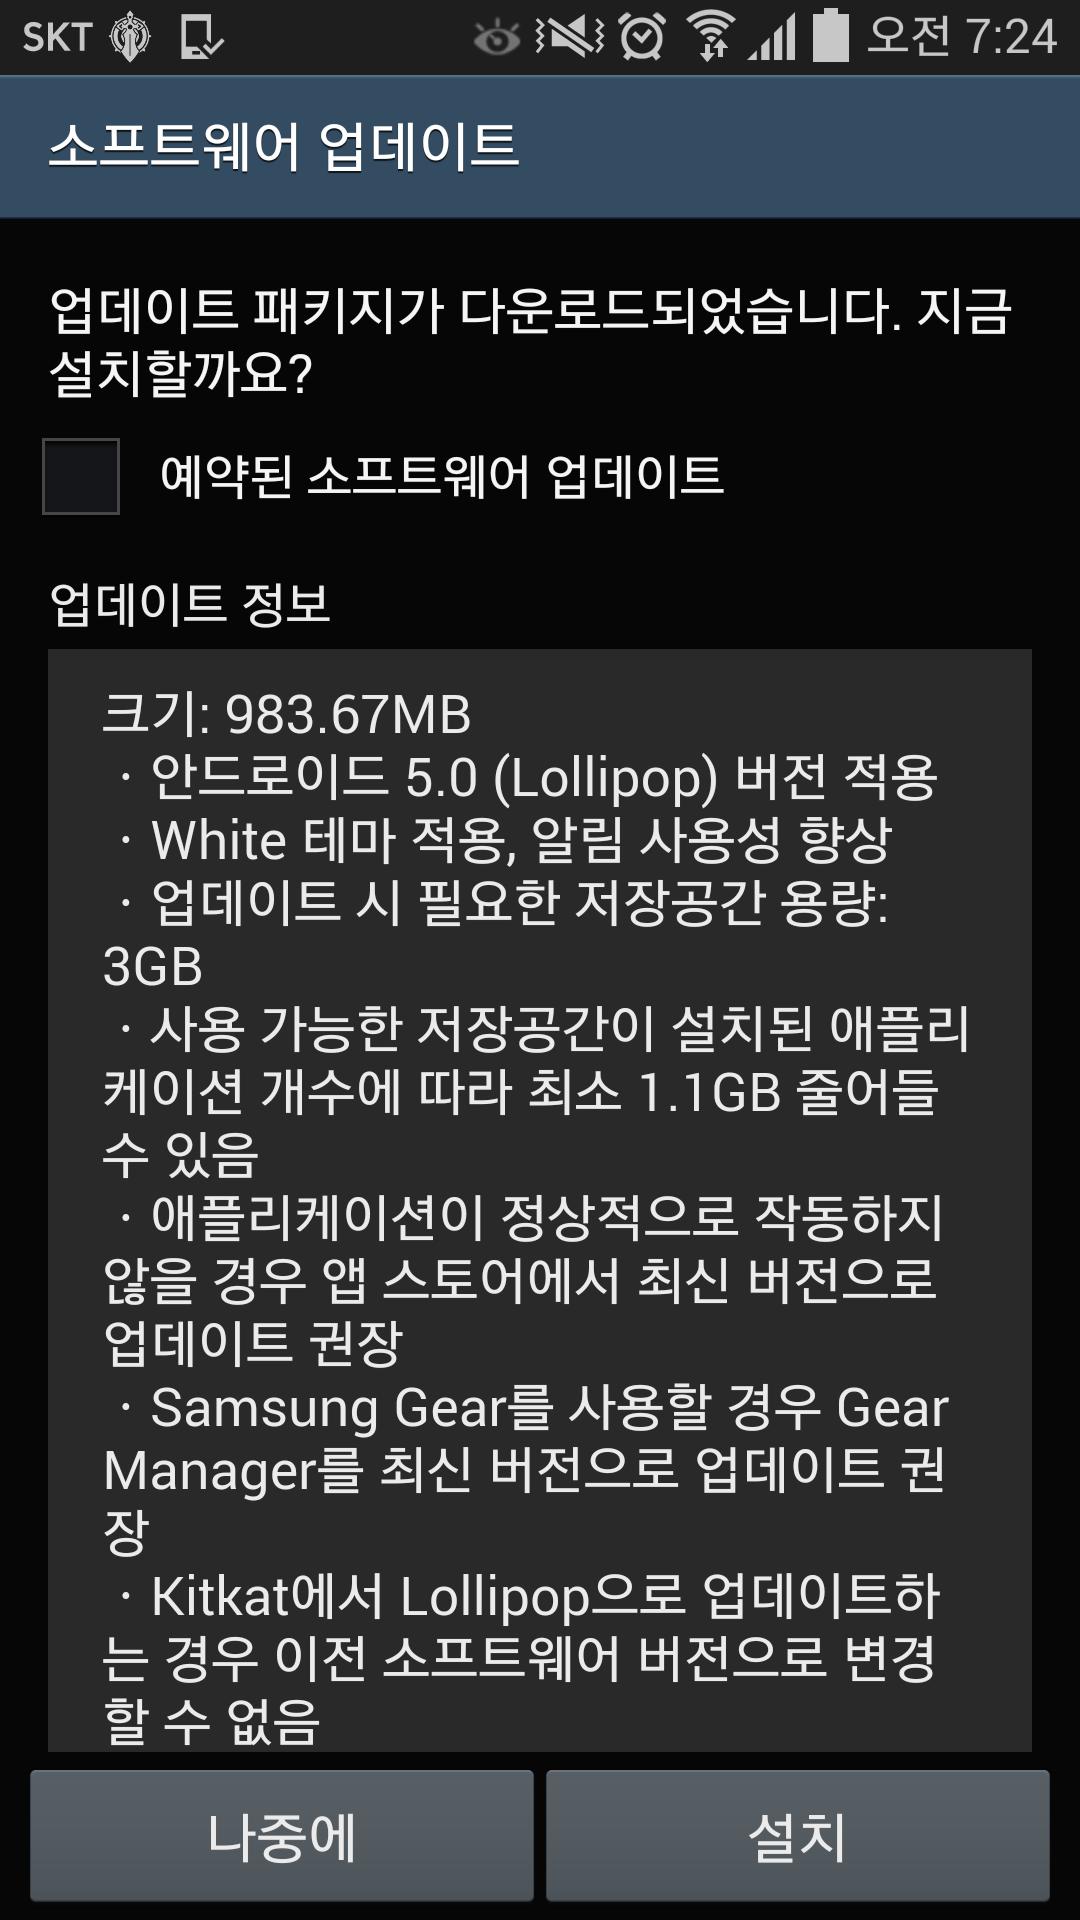 갤럭시 노트3 롤리팝 업데이트.